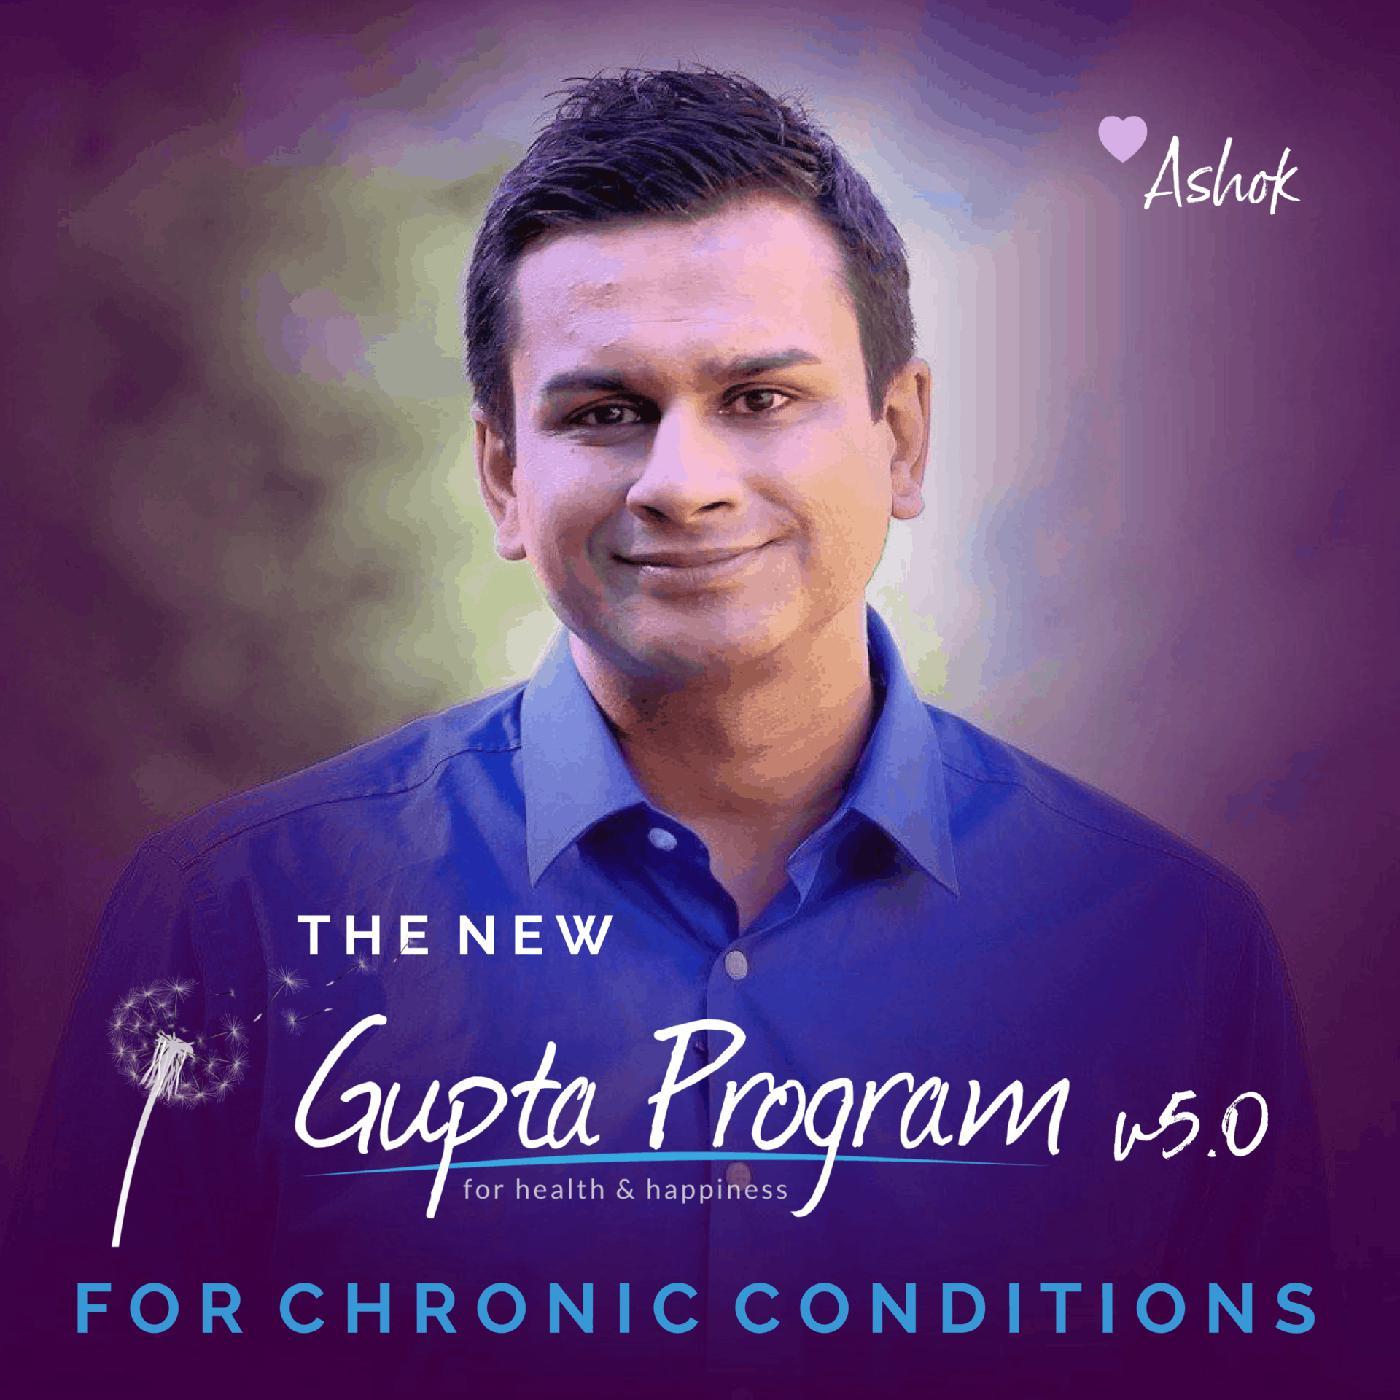 The Gupta Program V5 0 For Chronic Conditions Podcast Ashok Gupta Listen Notes